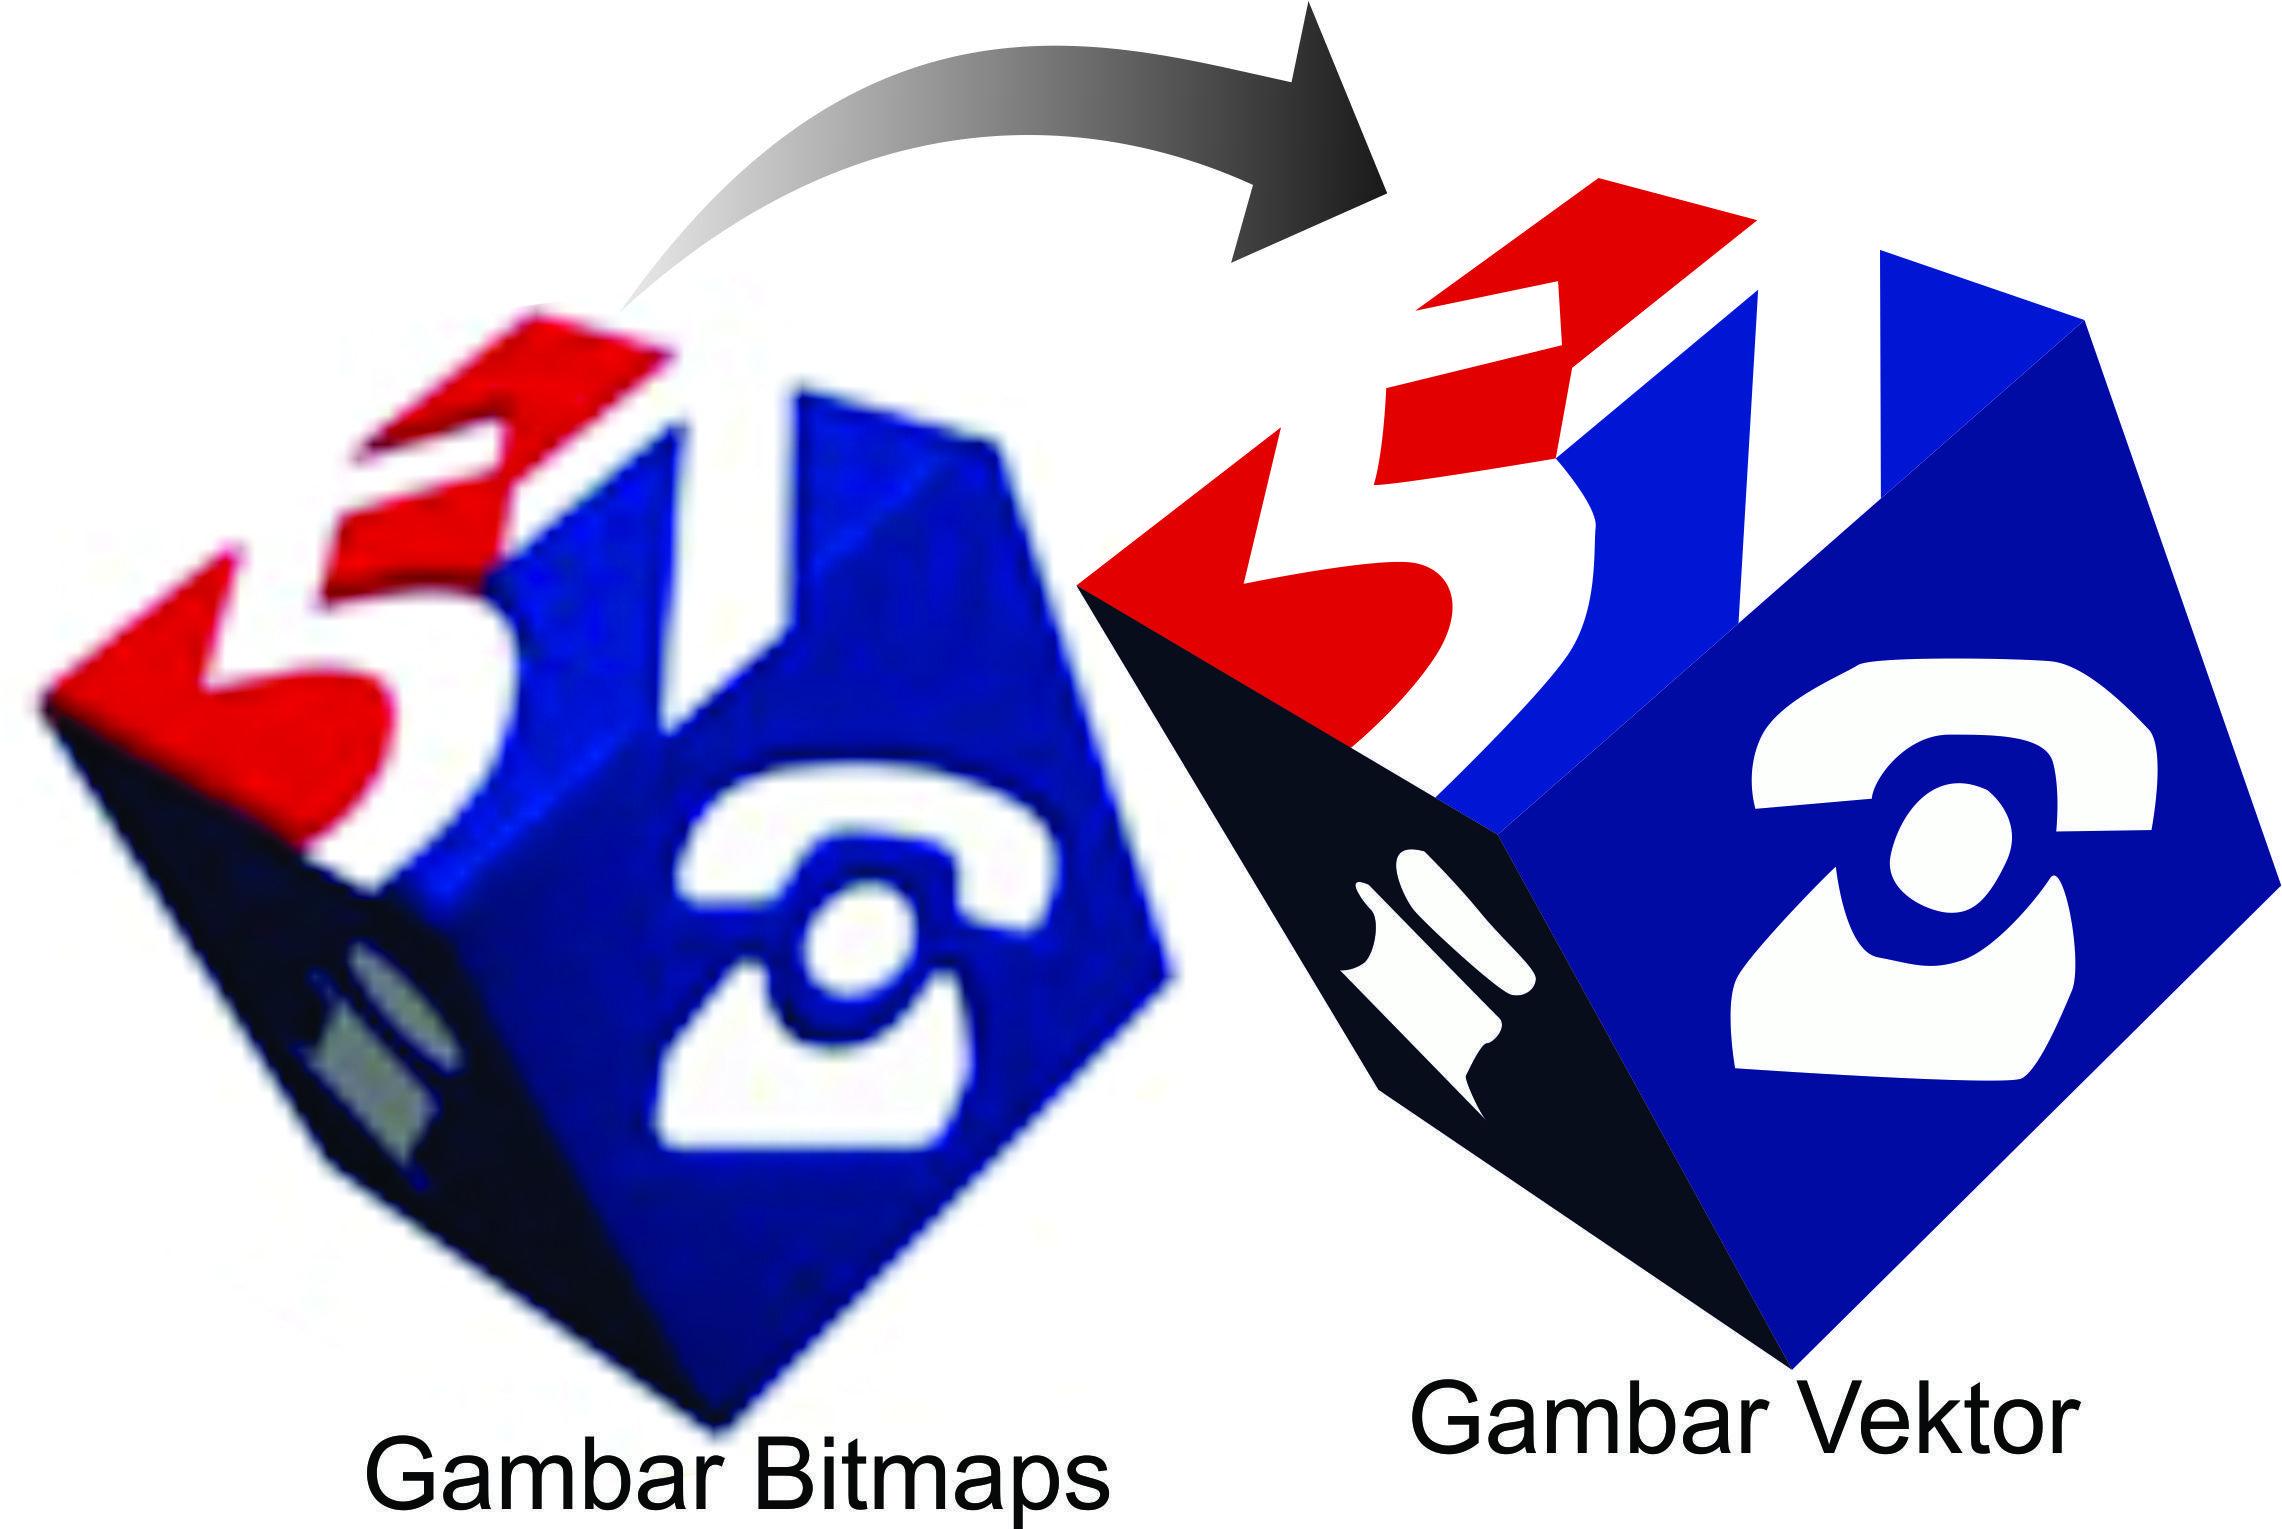 Gambar Vektor Atau Bitmap Gambar Desainer Grafis Grafis